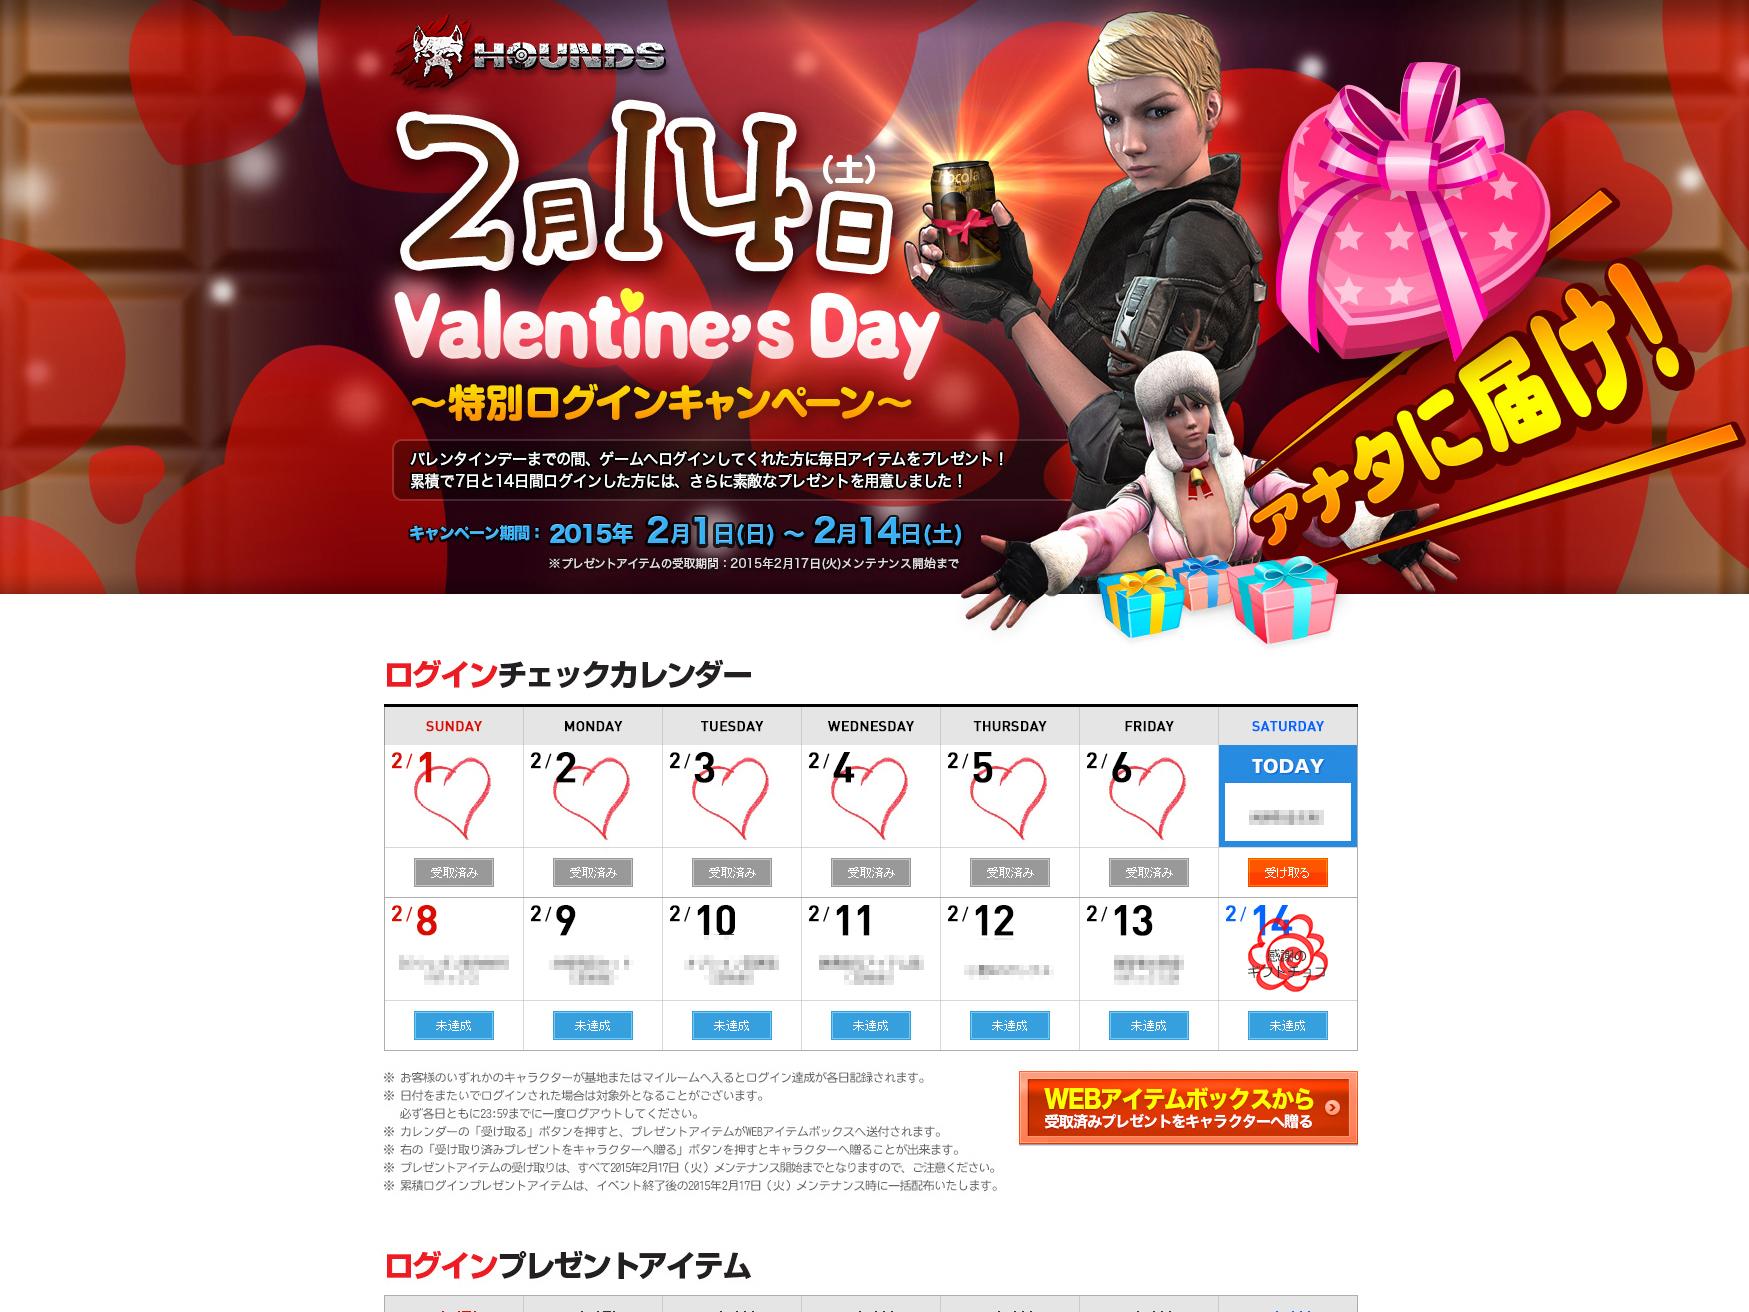 新ジャンルRPSオンラインゲーム『HOUNDS(ハウンズ)』 Valentine's記念を記念した特別ログインキャンペーン2月1日(月)より開始だ!!